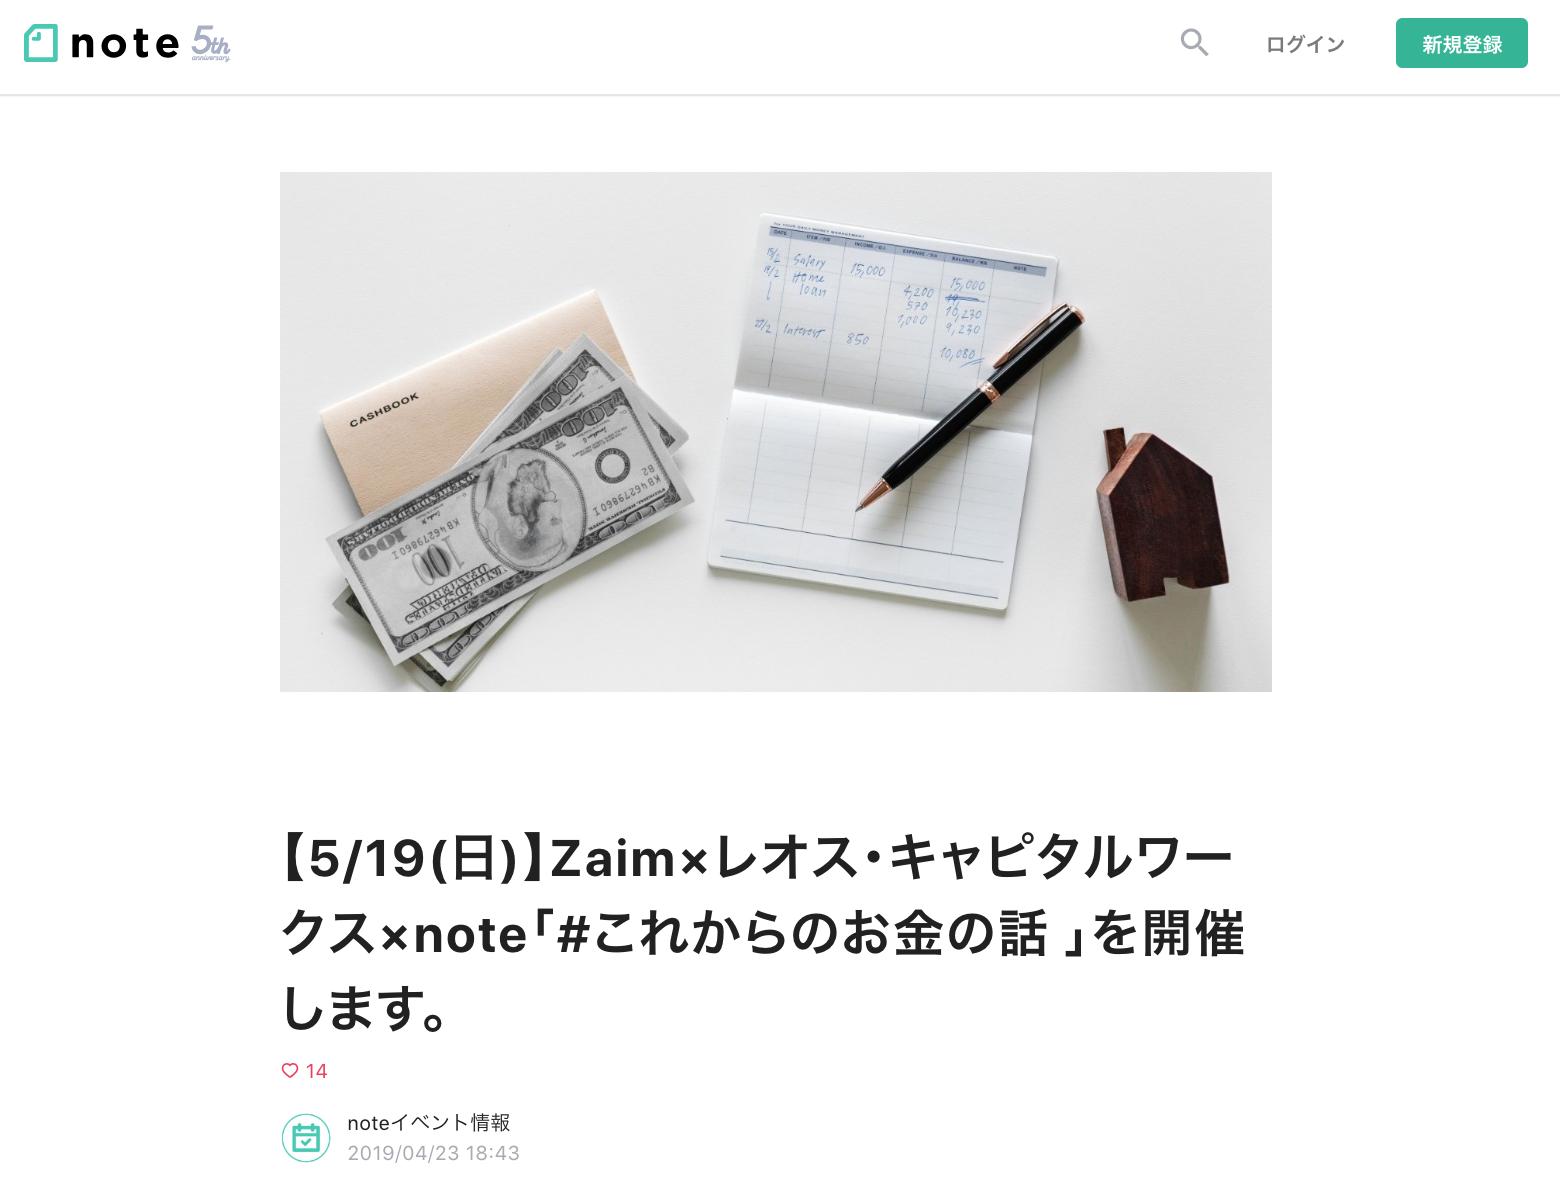 note × レオス・キャピタルワークス × Zaim 「これからのお金の話 」開催決定